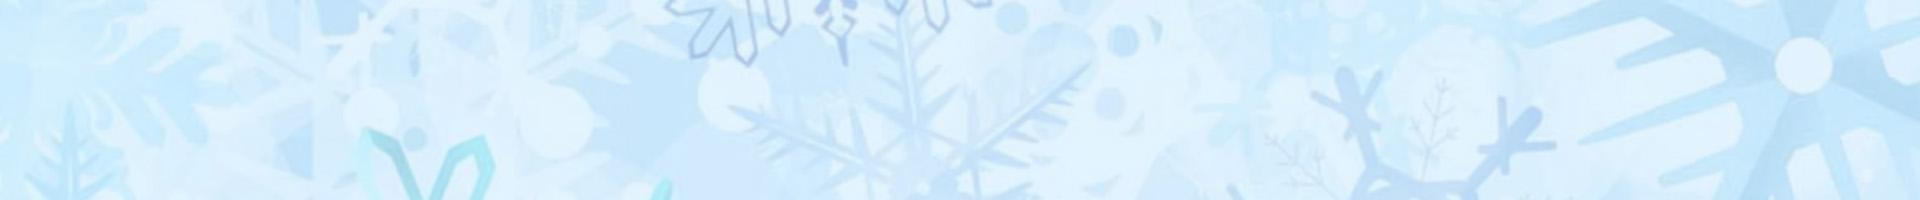 MSIA Michigan Snowsports Industries Association | Michigan